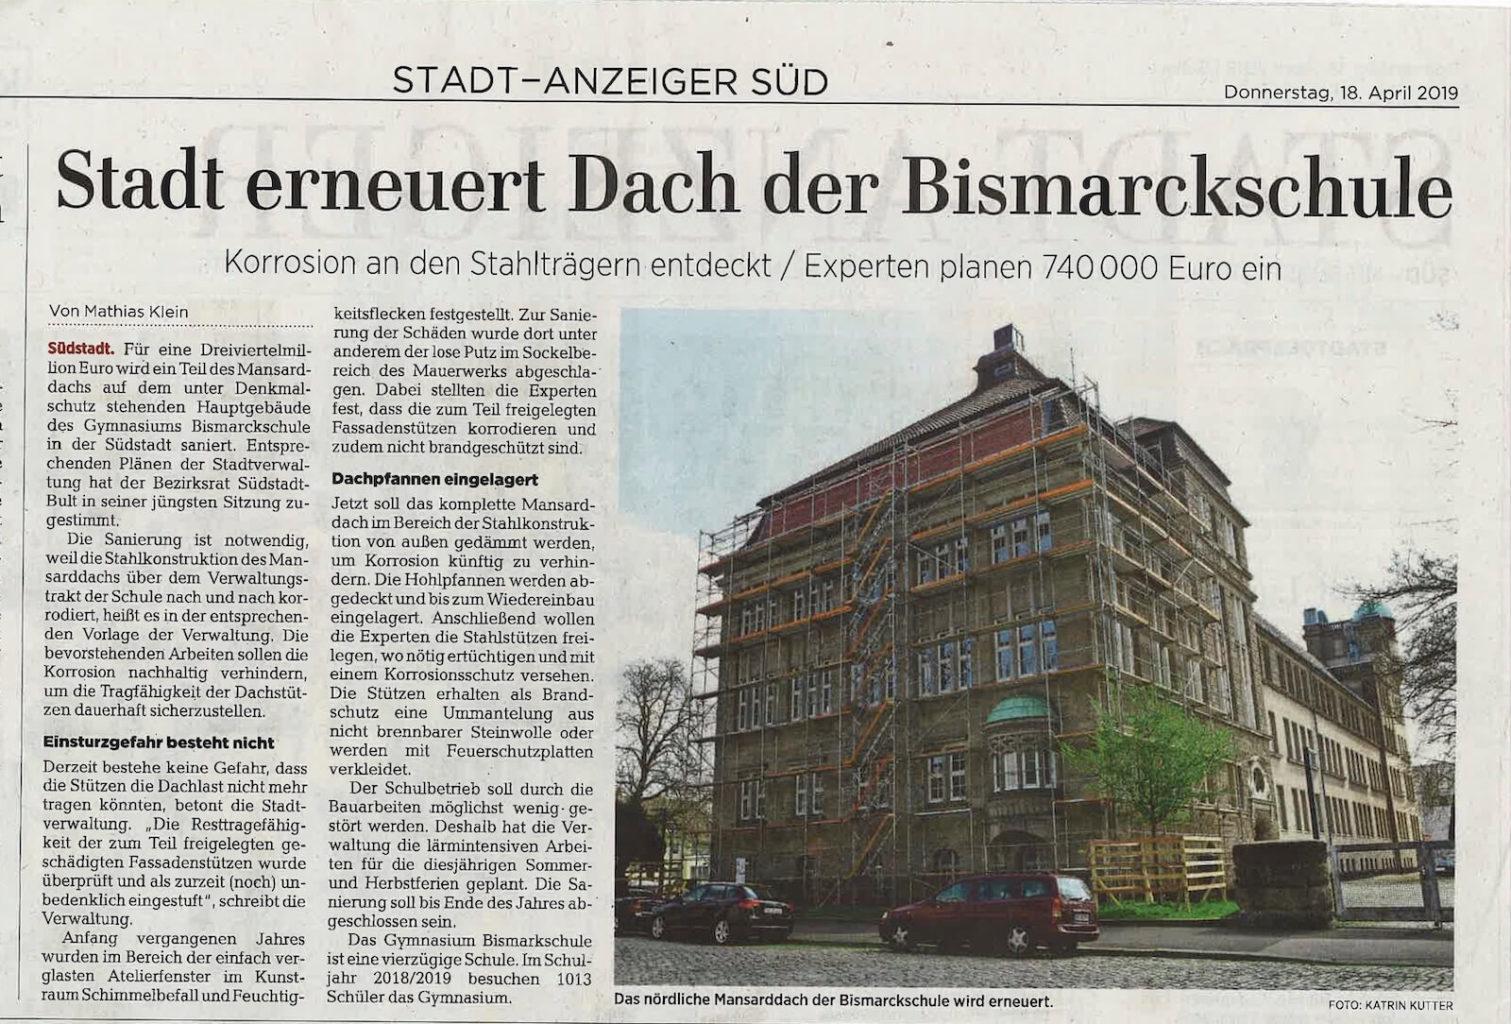 HAZ Artikel - Auftrag zur denkmalgerechten Sanierung Gymnasium Bismarckschule